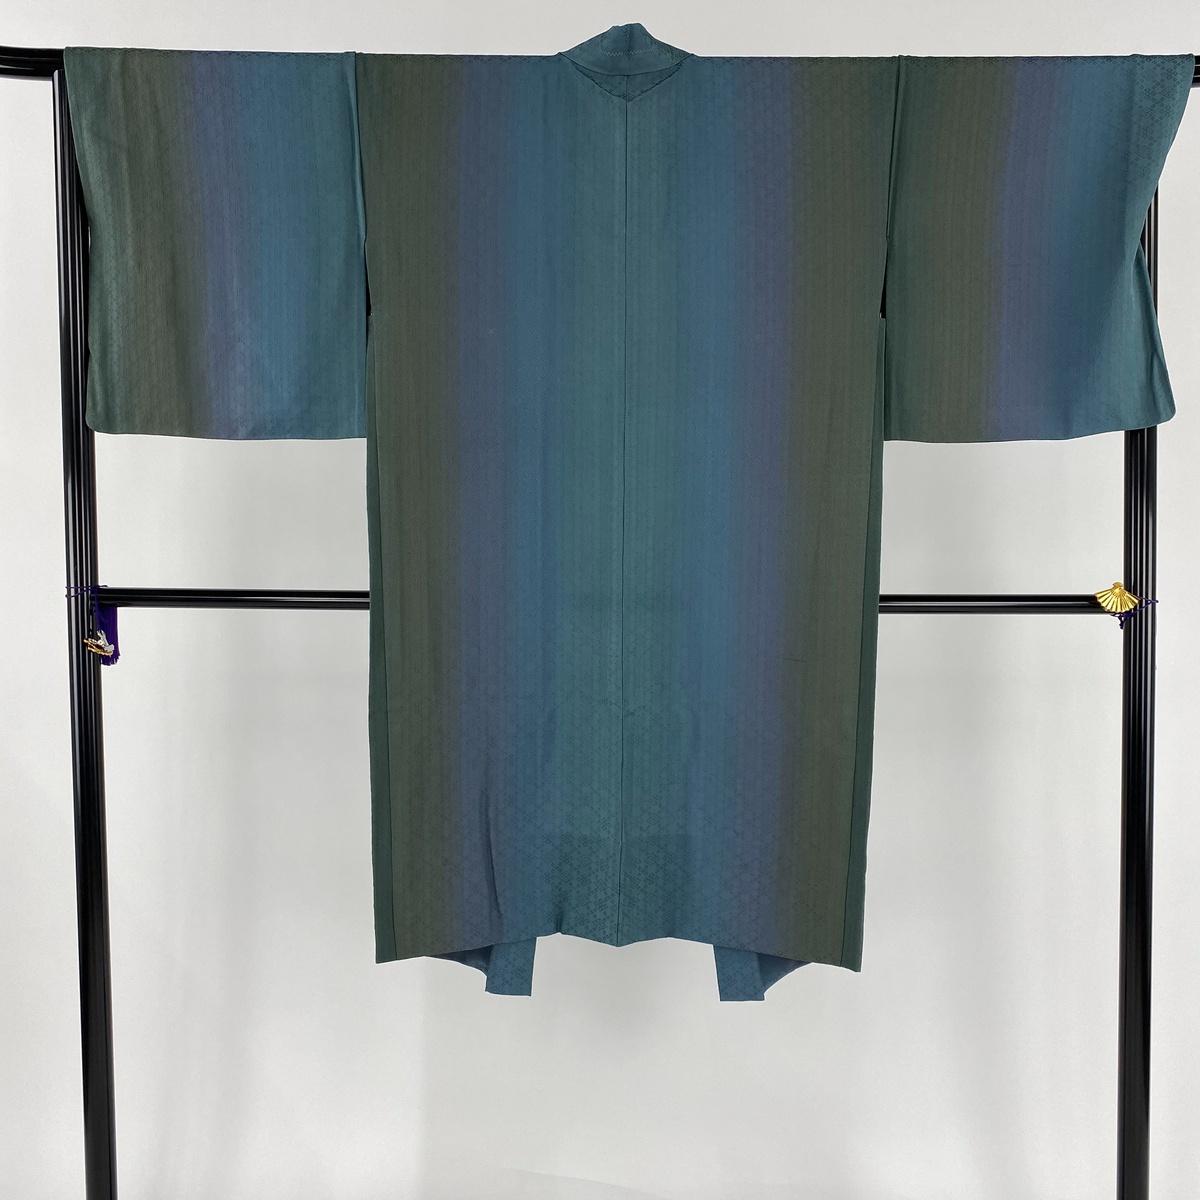 羽織 美品 逸品 羽織紐付き 縦ぼかし 浮き織 青緑 身丈112cm 裄丈68cm L 正絹 【中古】